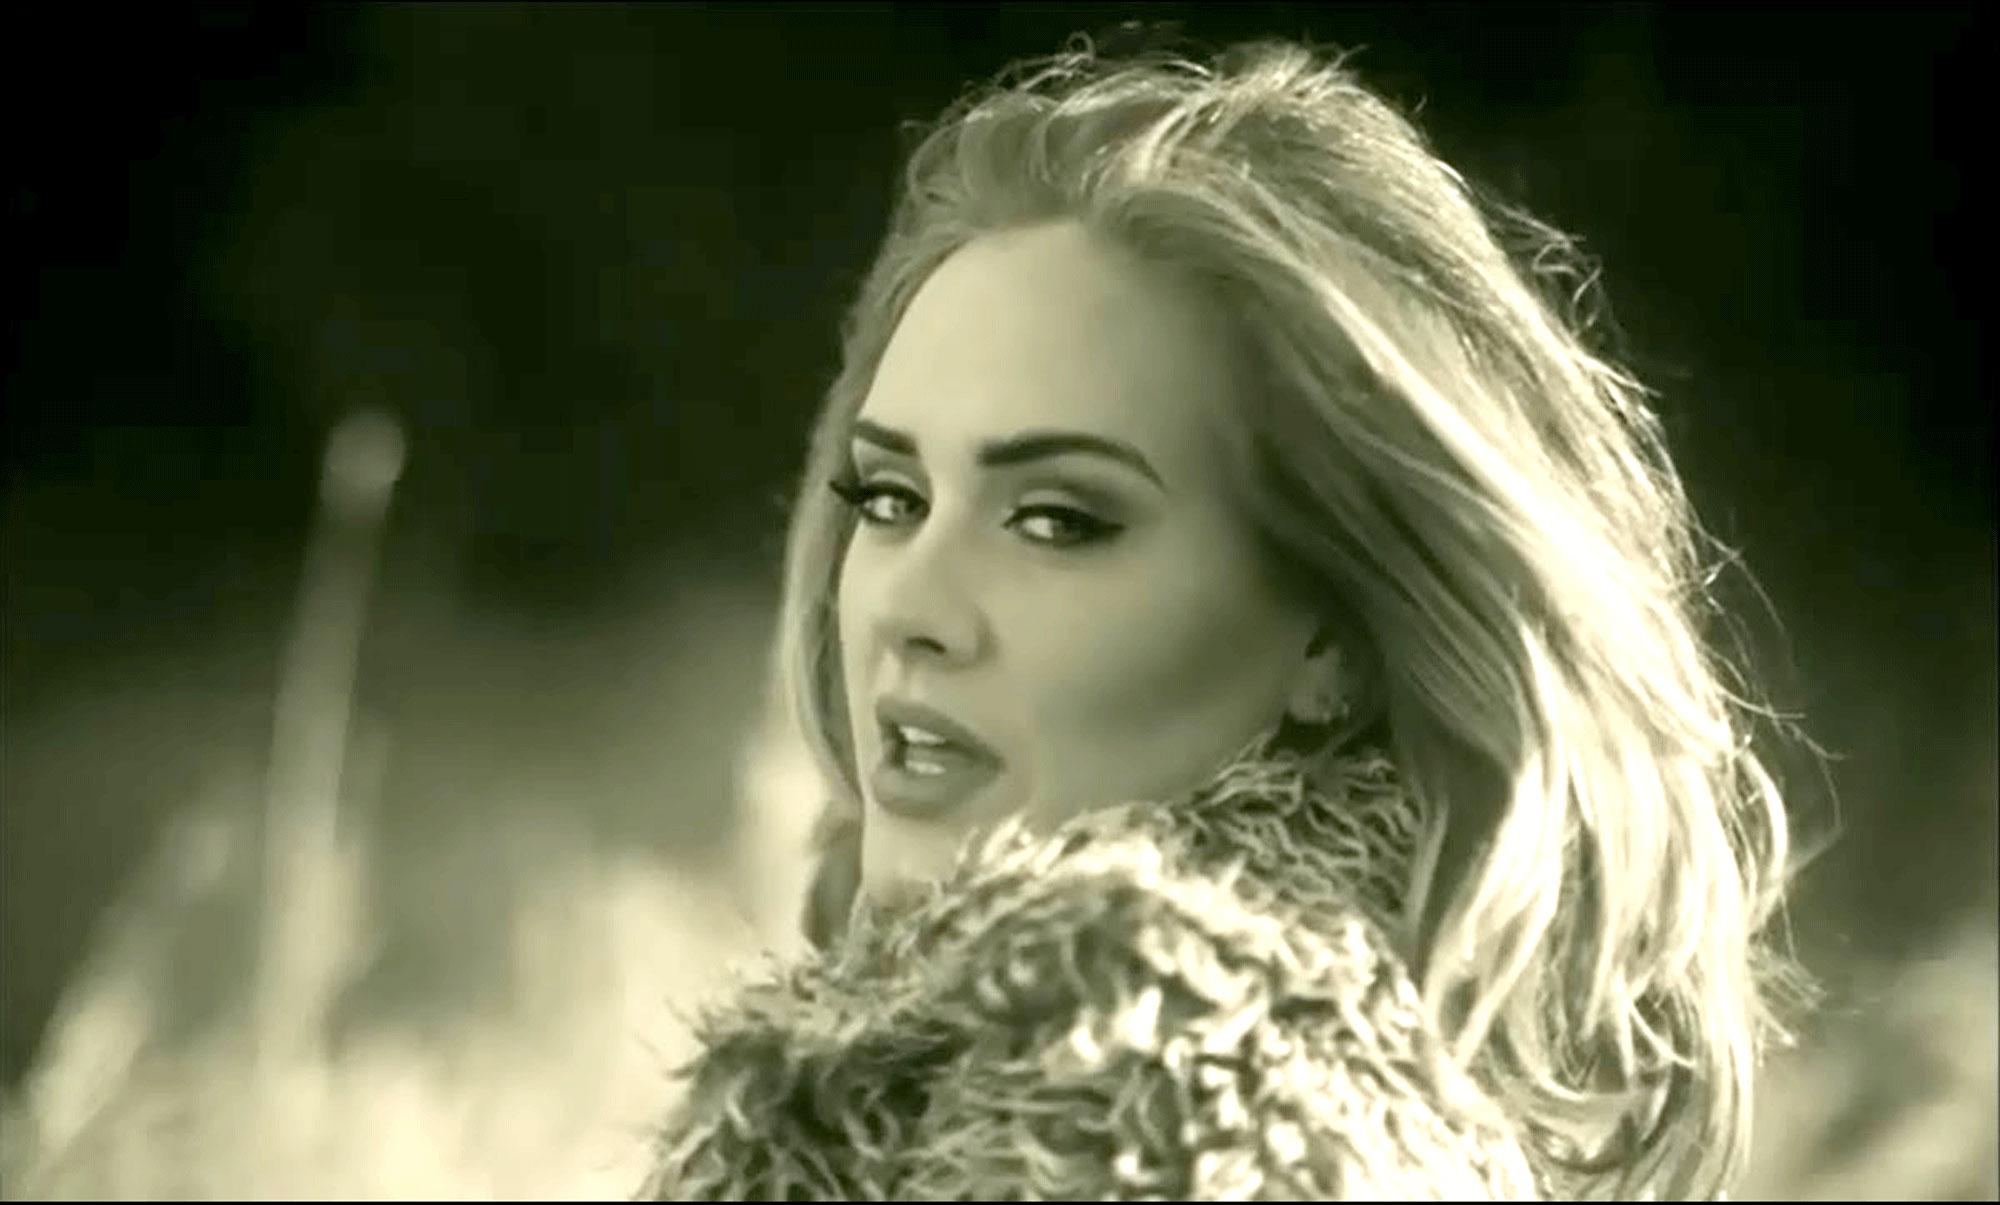 Adele Hello - Finally!